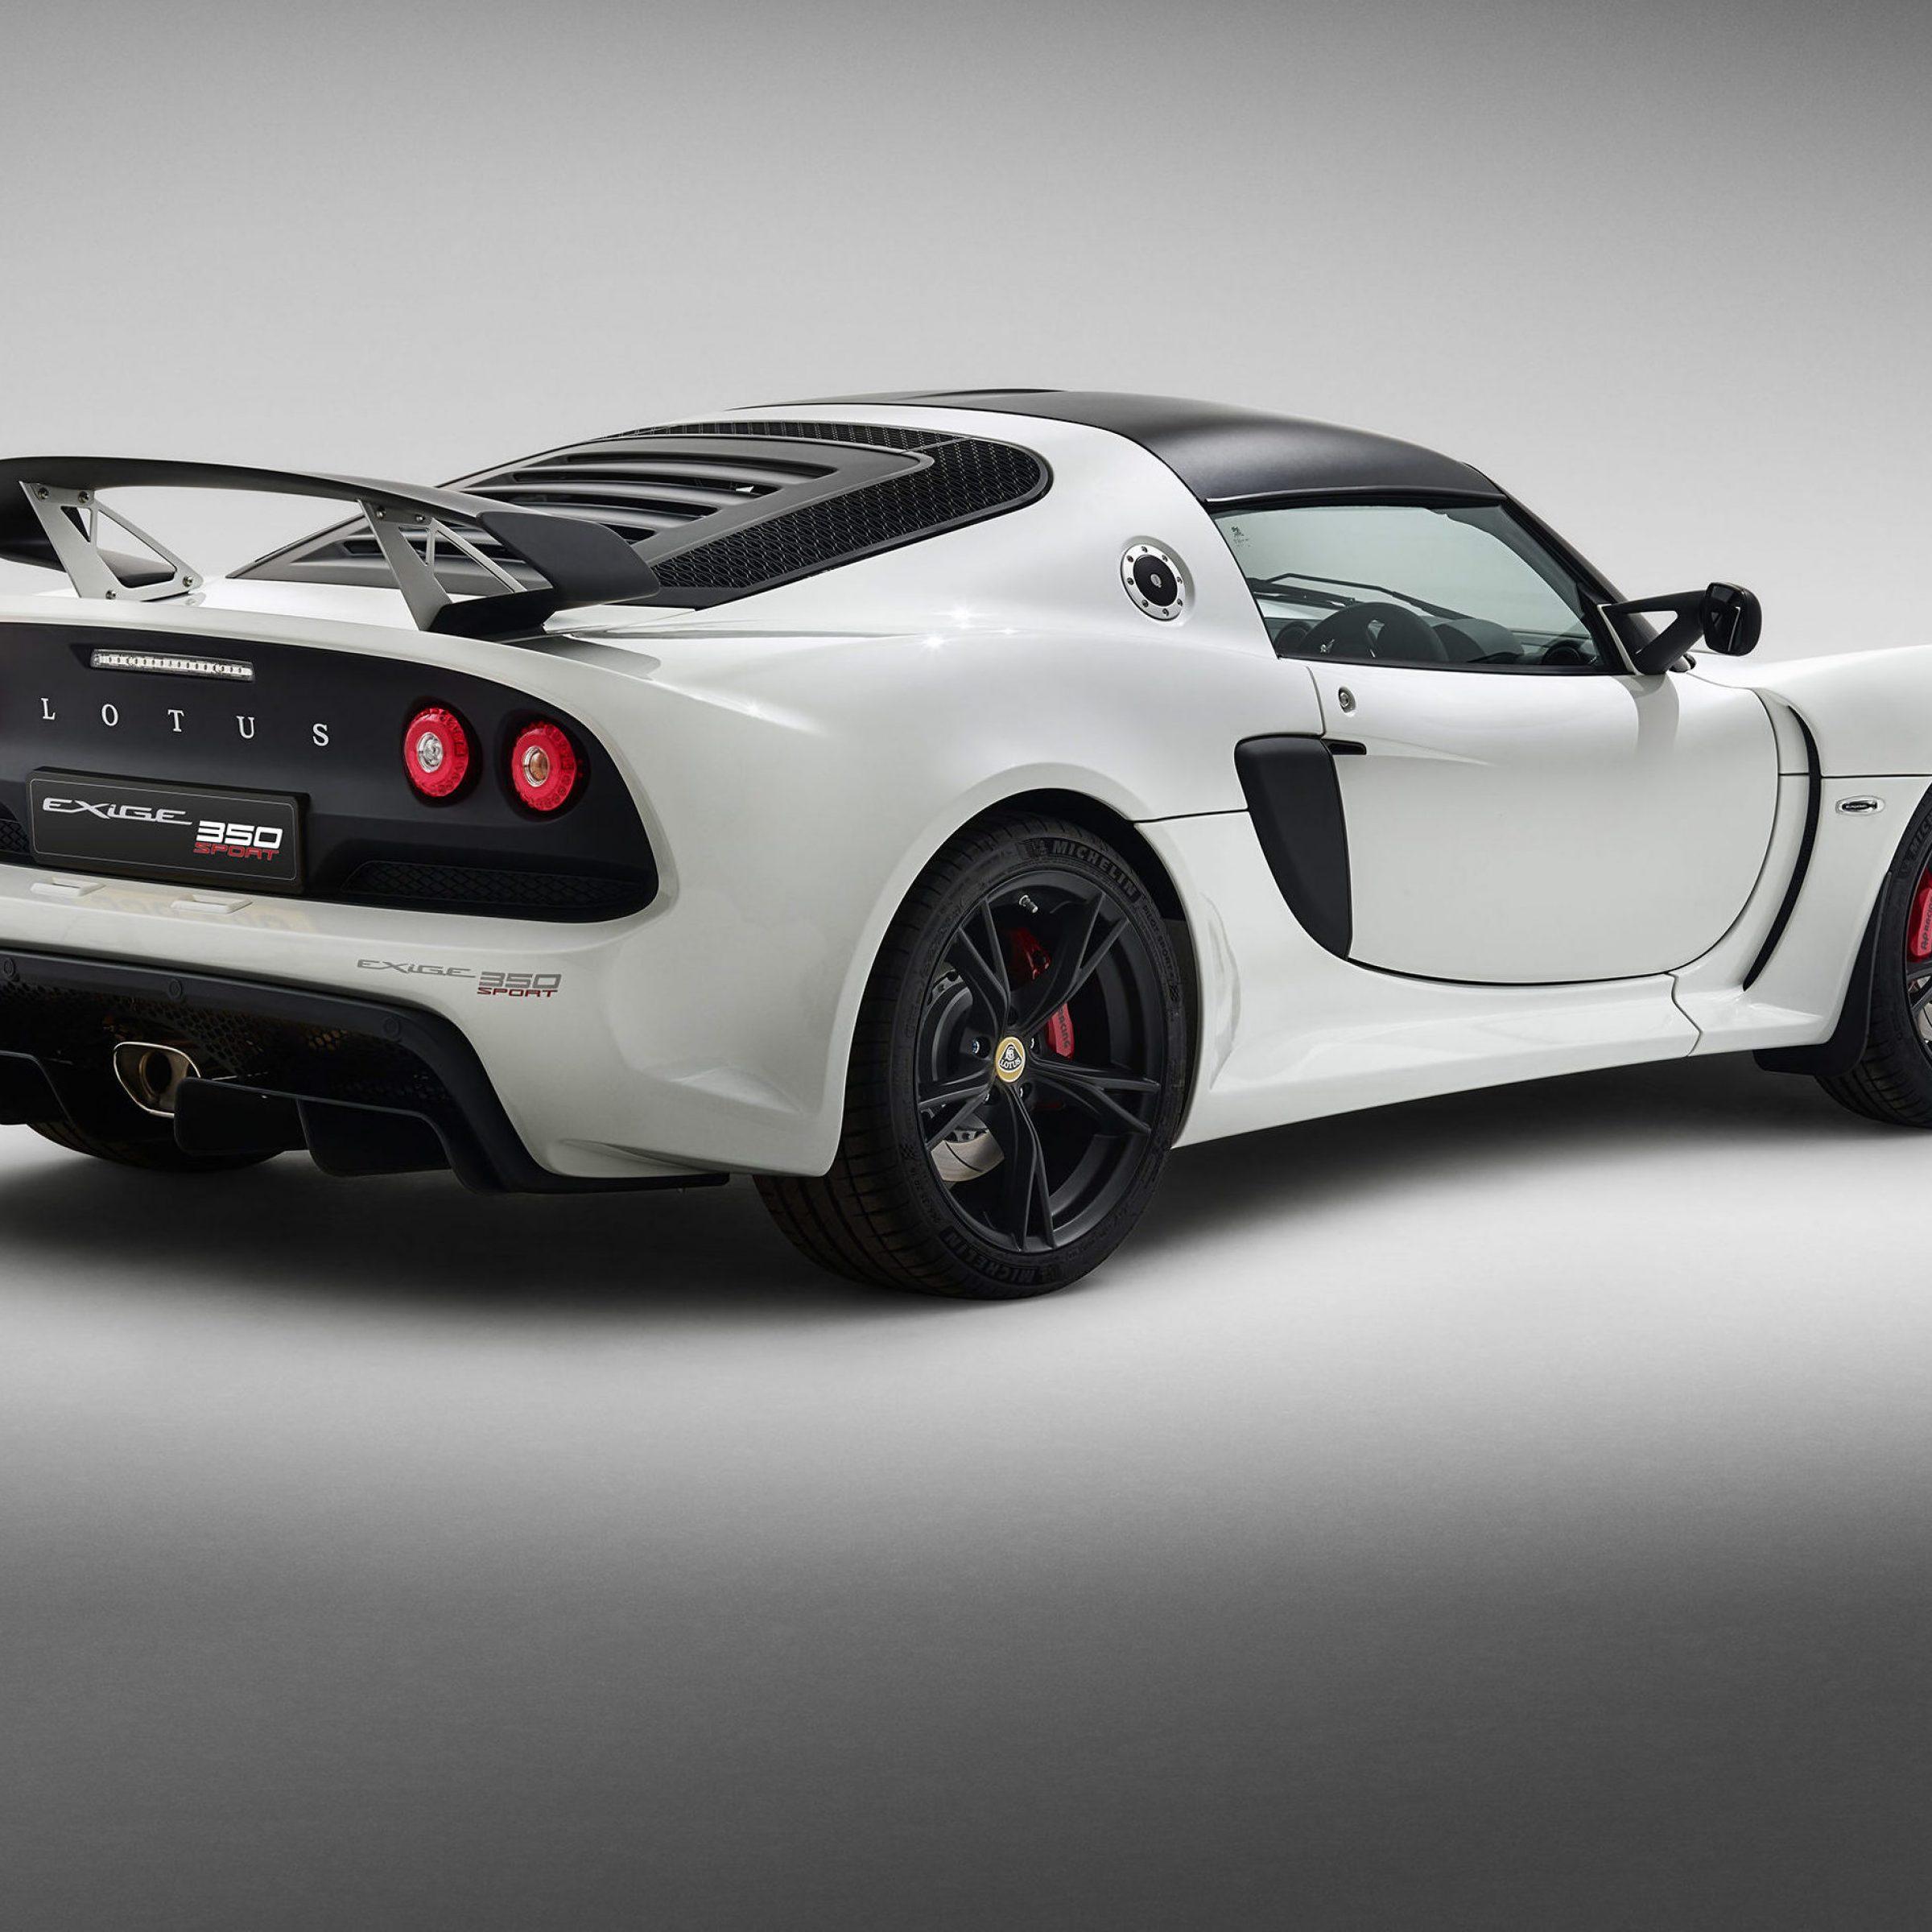 Lotus Exige: The Exige Sport 350